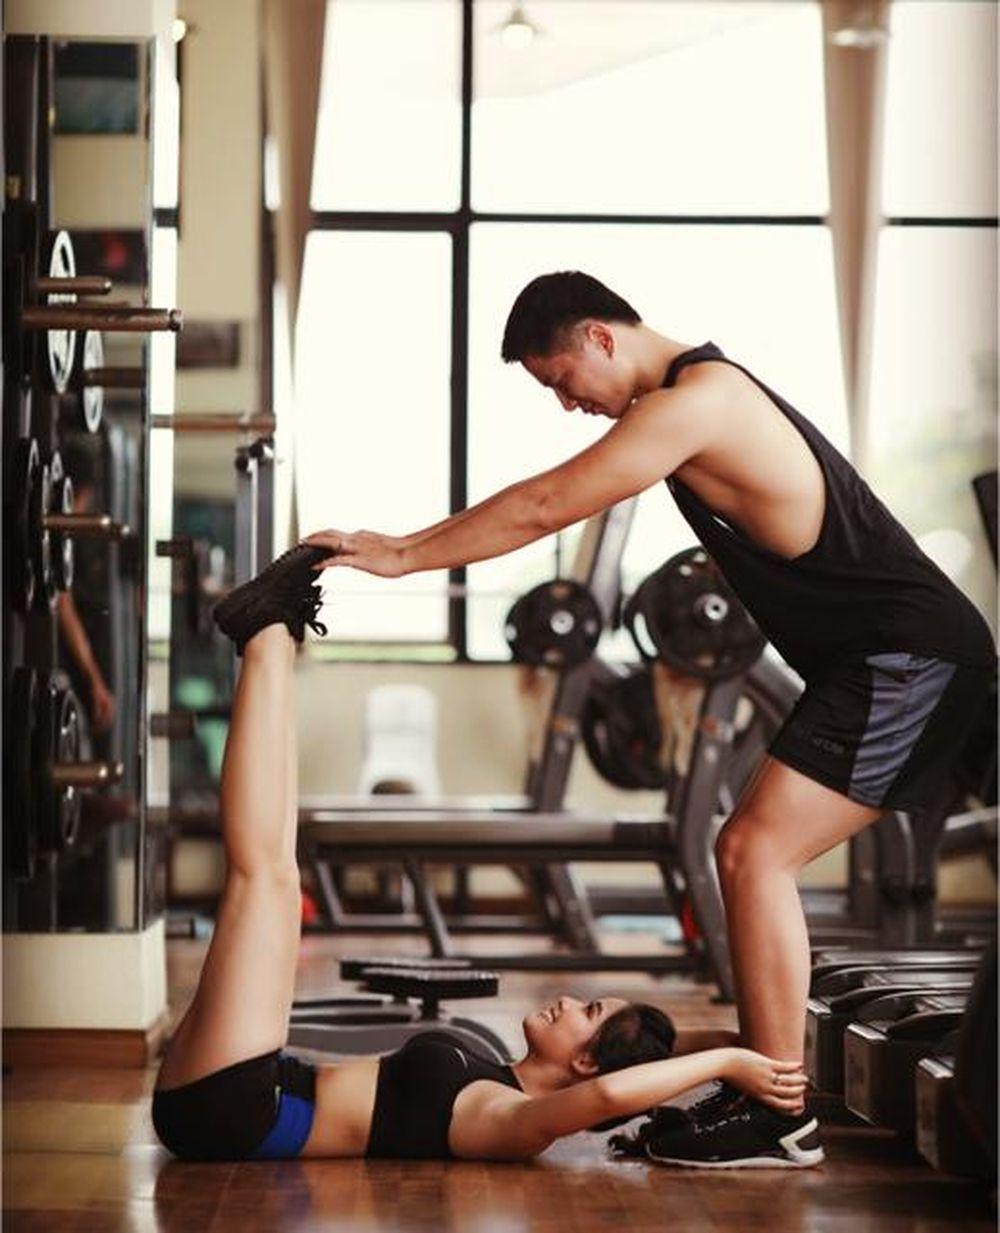 Bên cạnh đó, cặp đôi ở Hà Nội là Đỗ Hoài Thu (1989) và Nguyễn Mạnh Hùng (1988) cũng có bộ ảnh cưới ở phòng tập gym, nơi họ bắt đầu biết ...